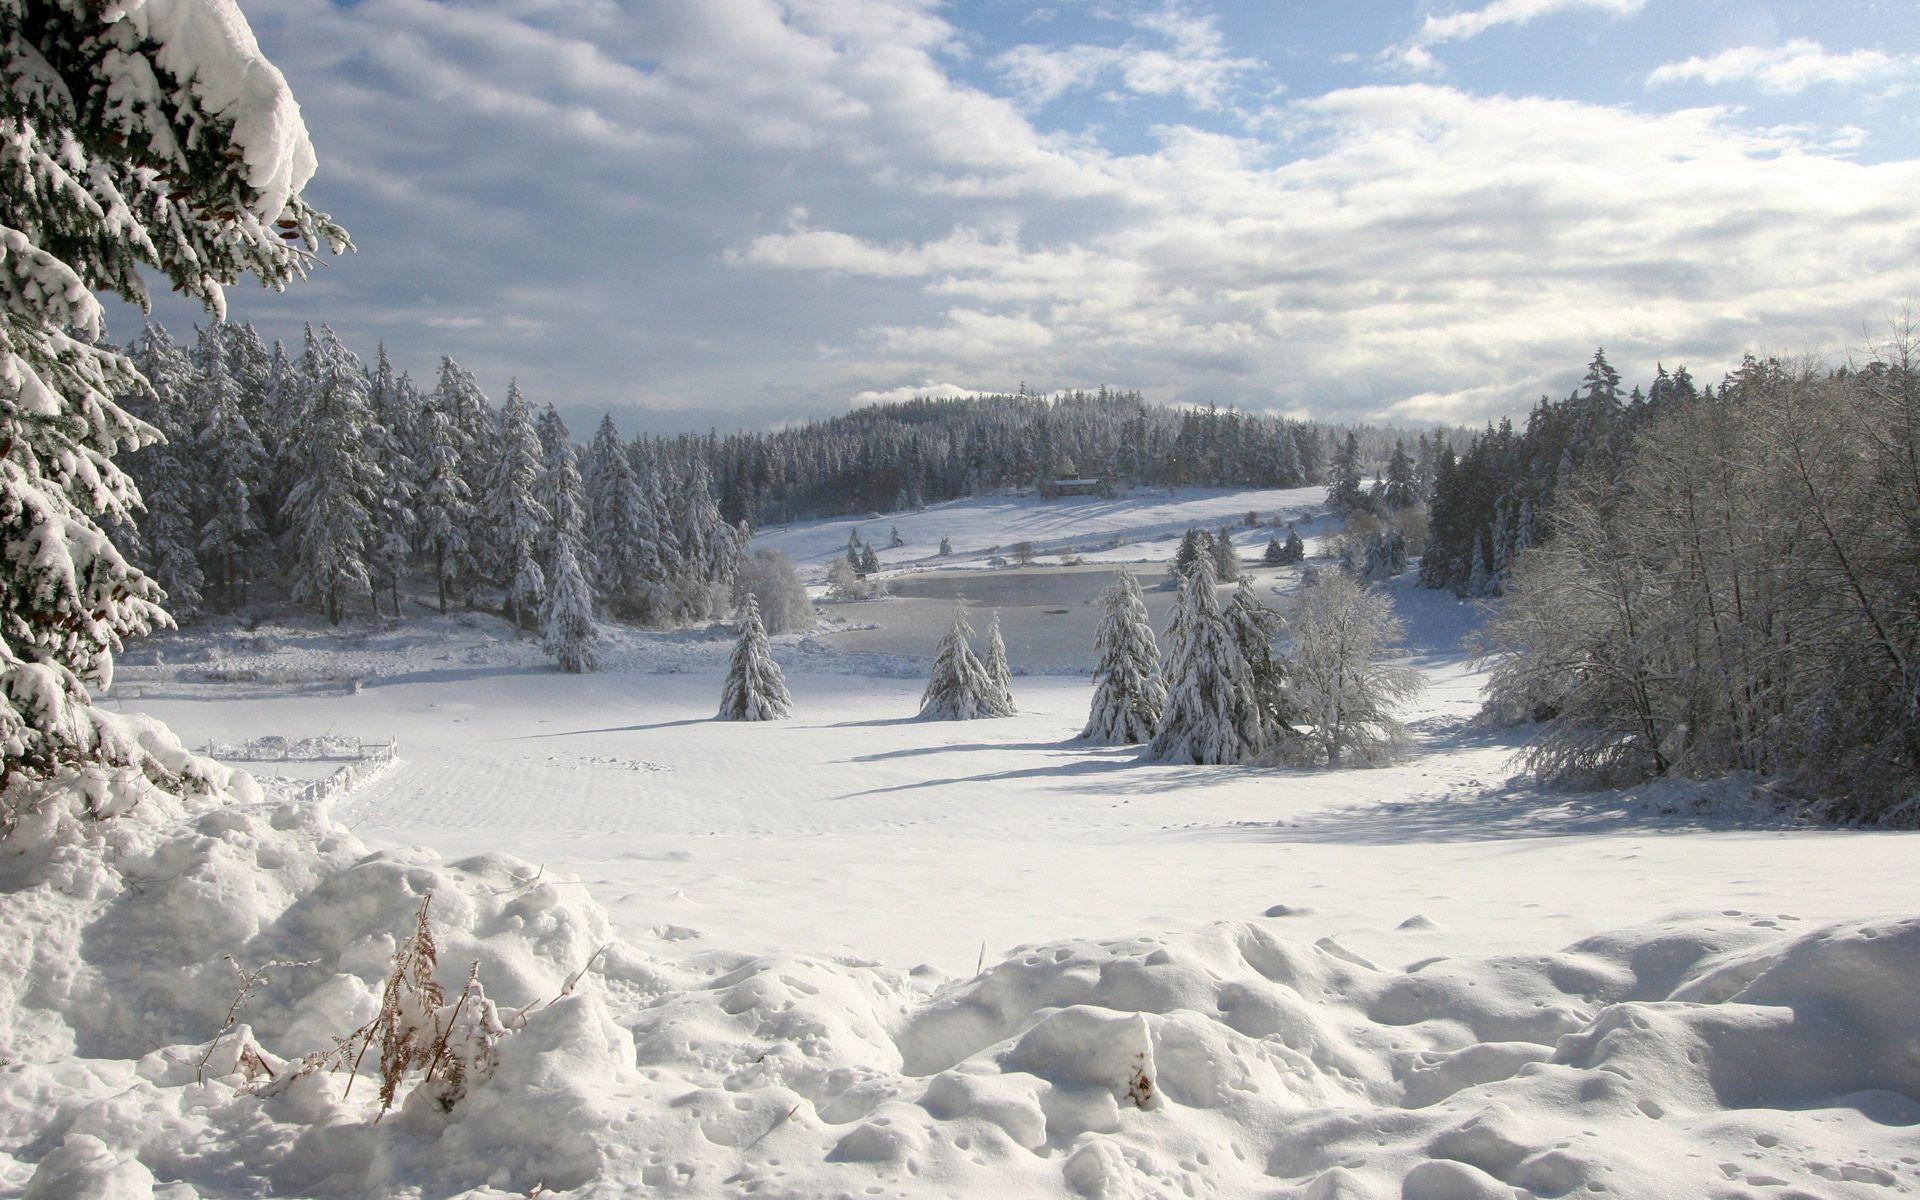 Winter wonderland desktop backgrounds wallpaper cave for Desktop gratis inverno